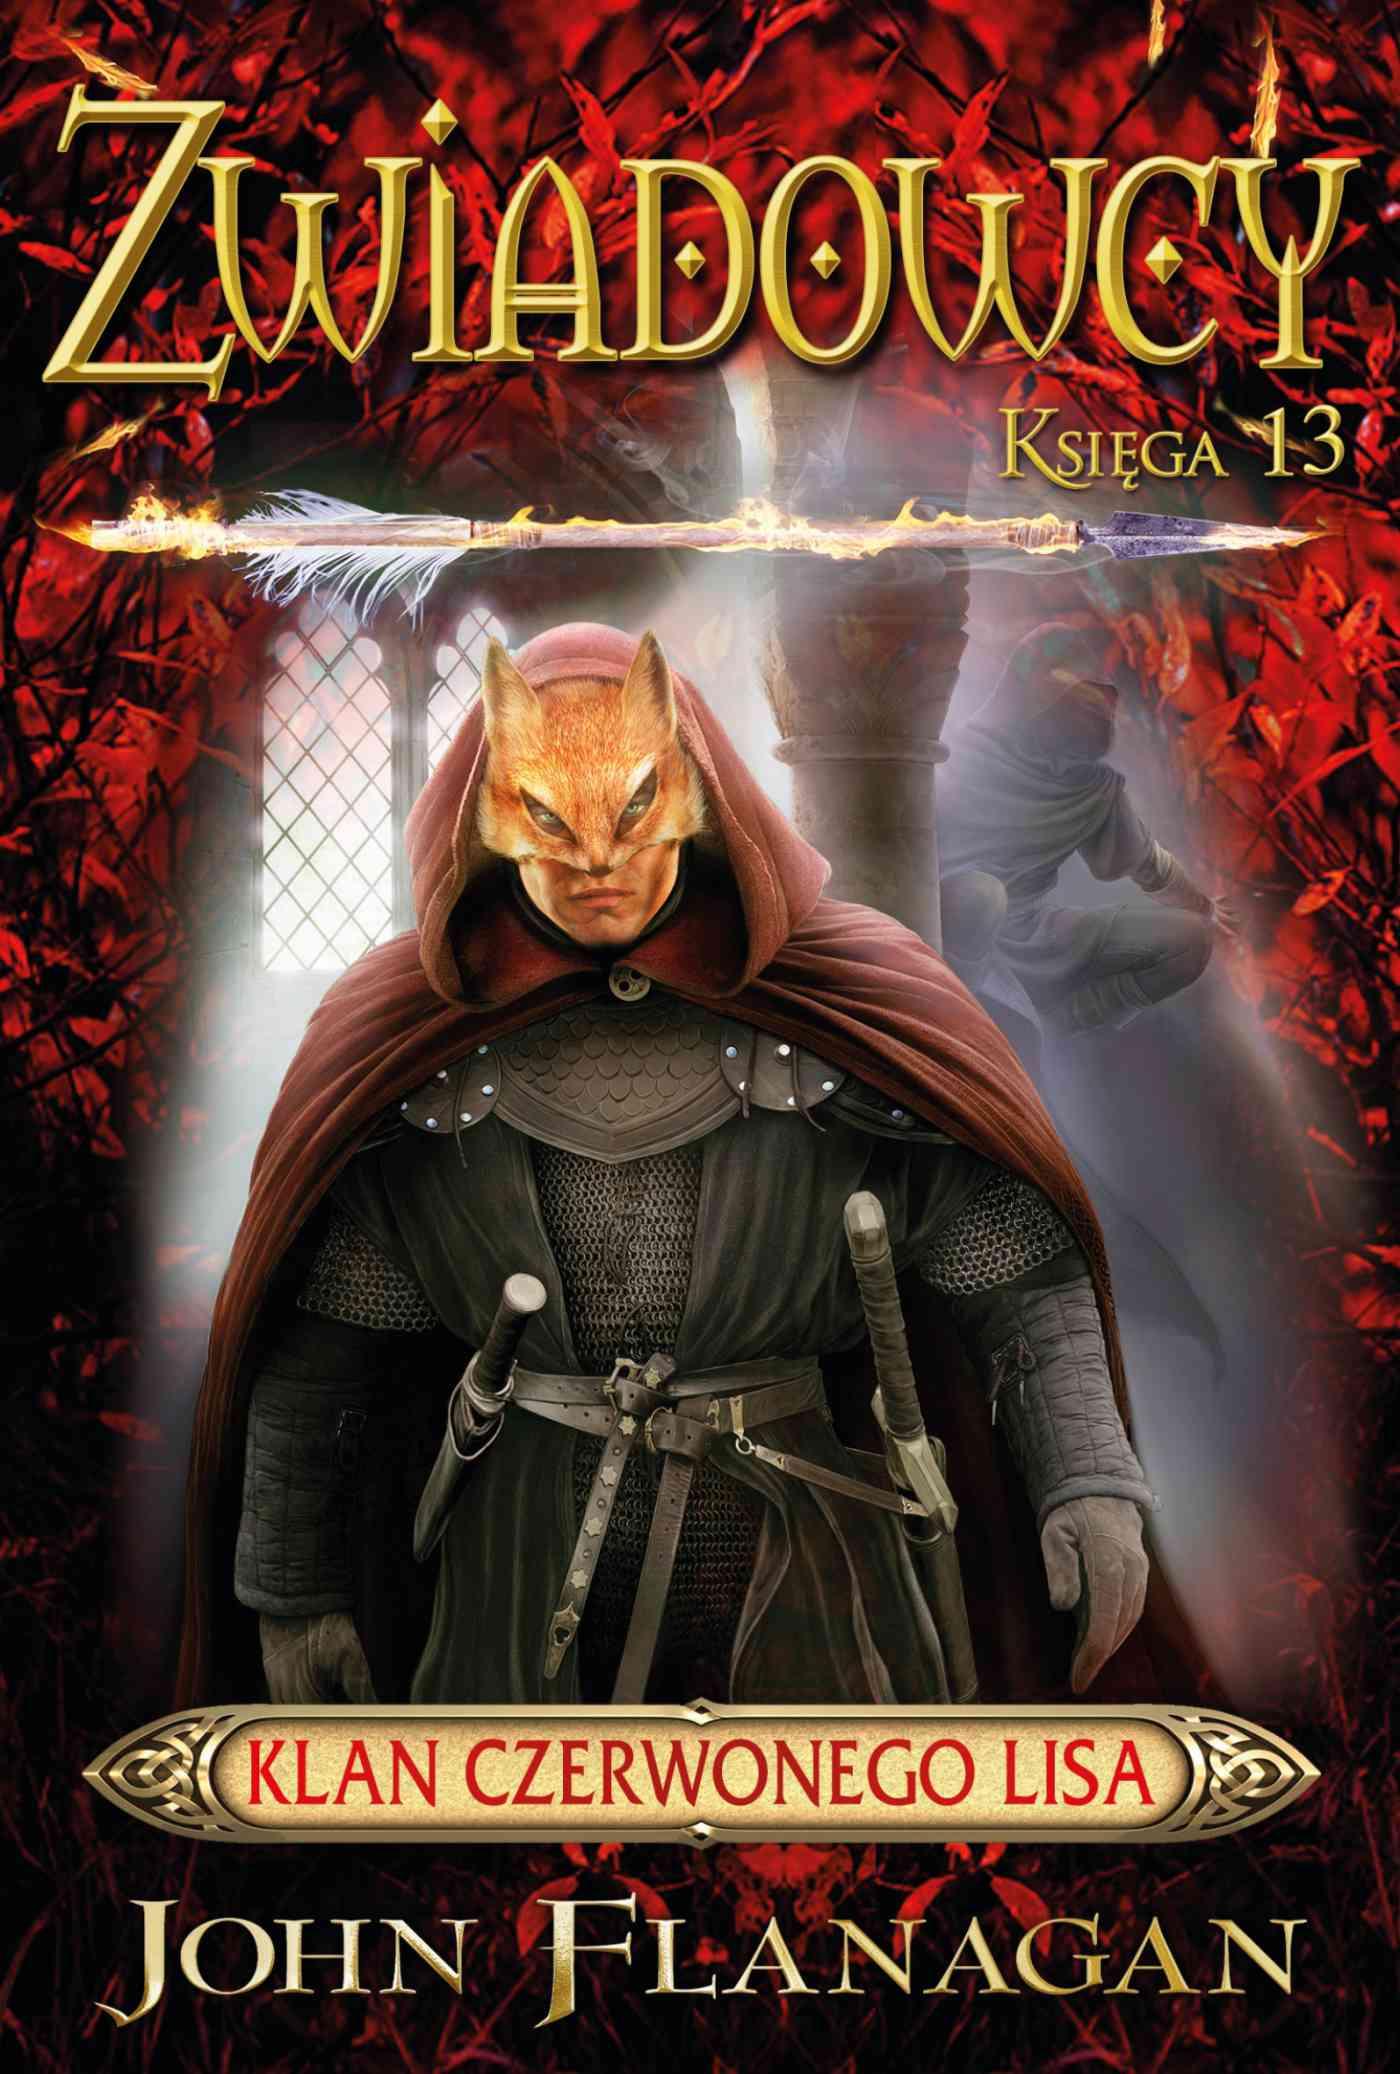 Zwiadowcy 13. Klan Czerwonego Lisa - Ebook (Książka EPUB) do pobrania w formacie EPUB